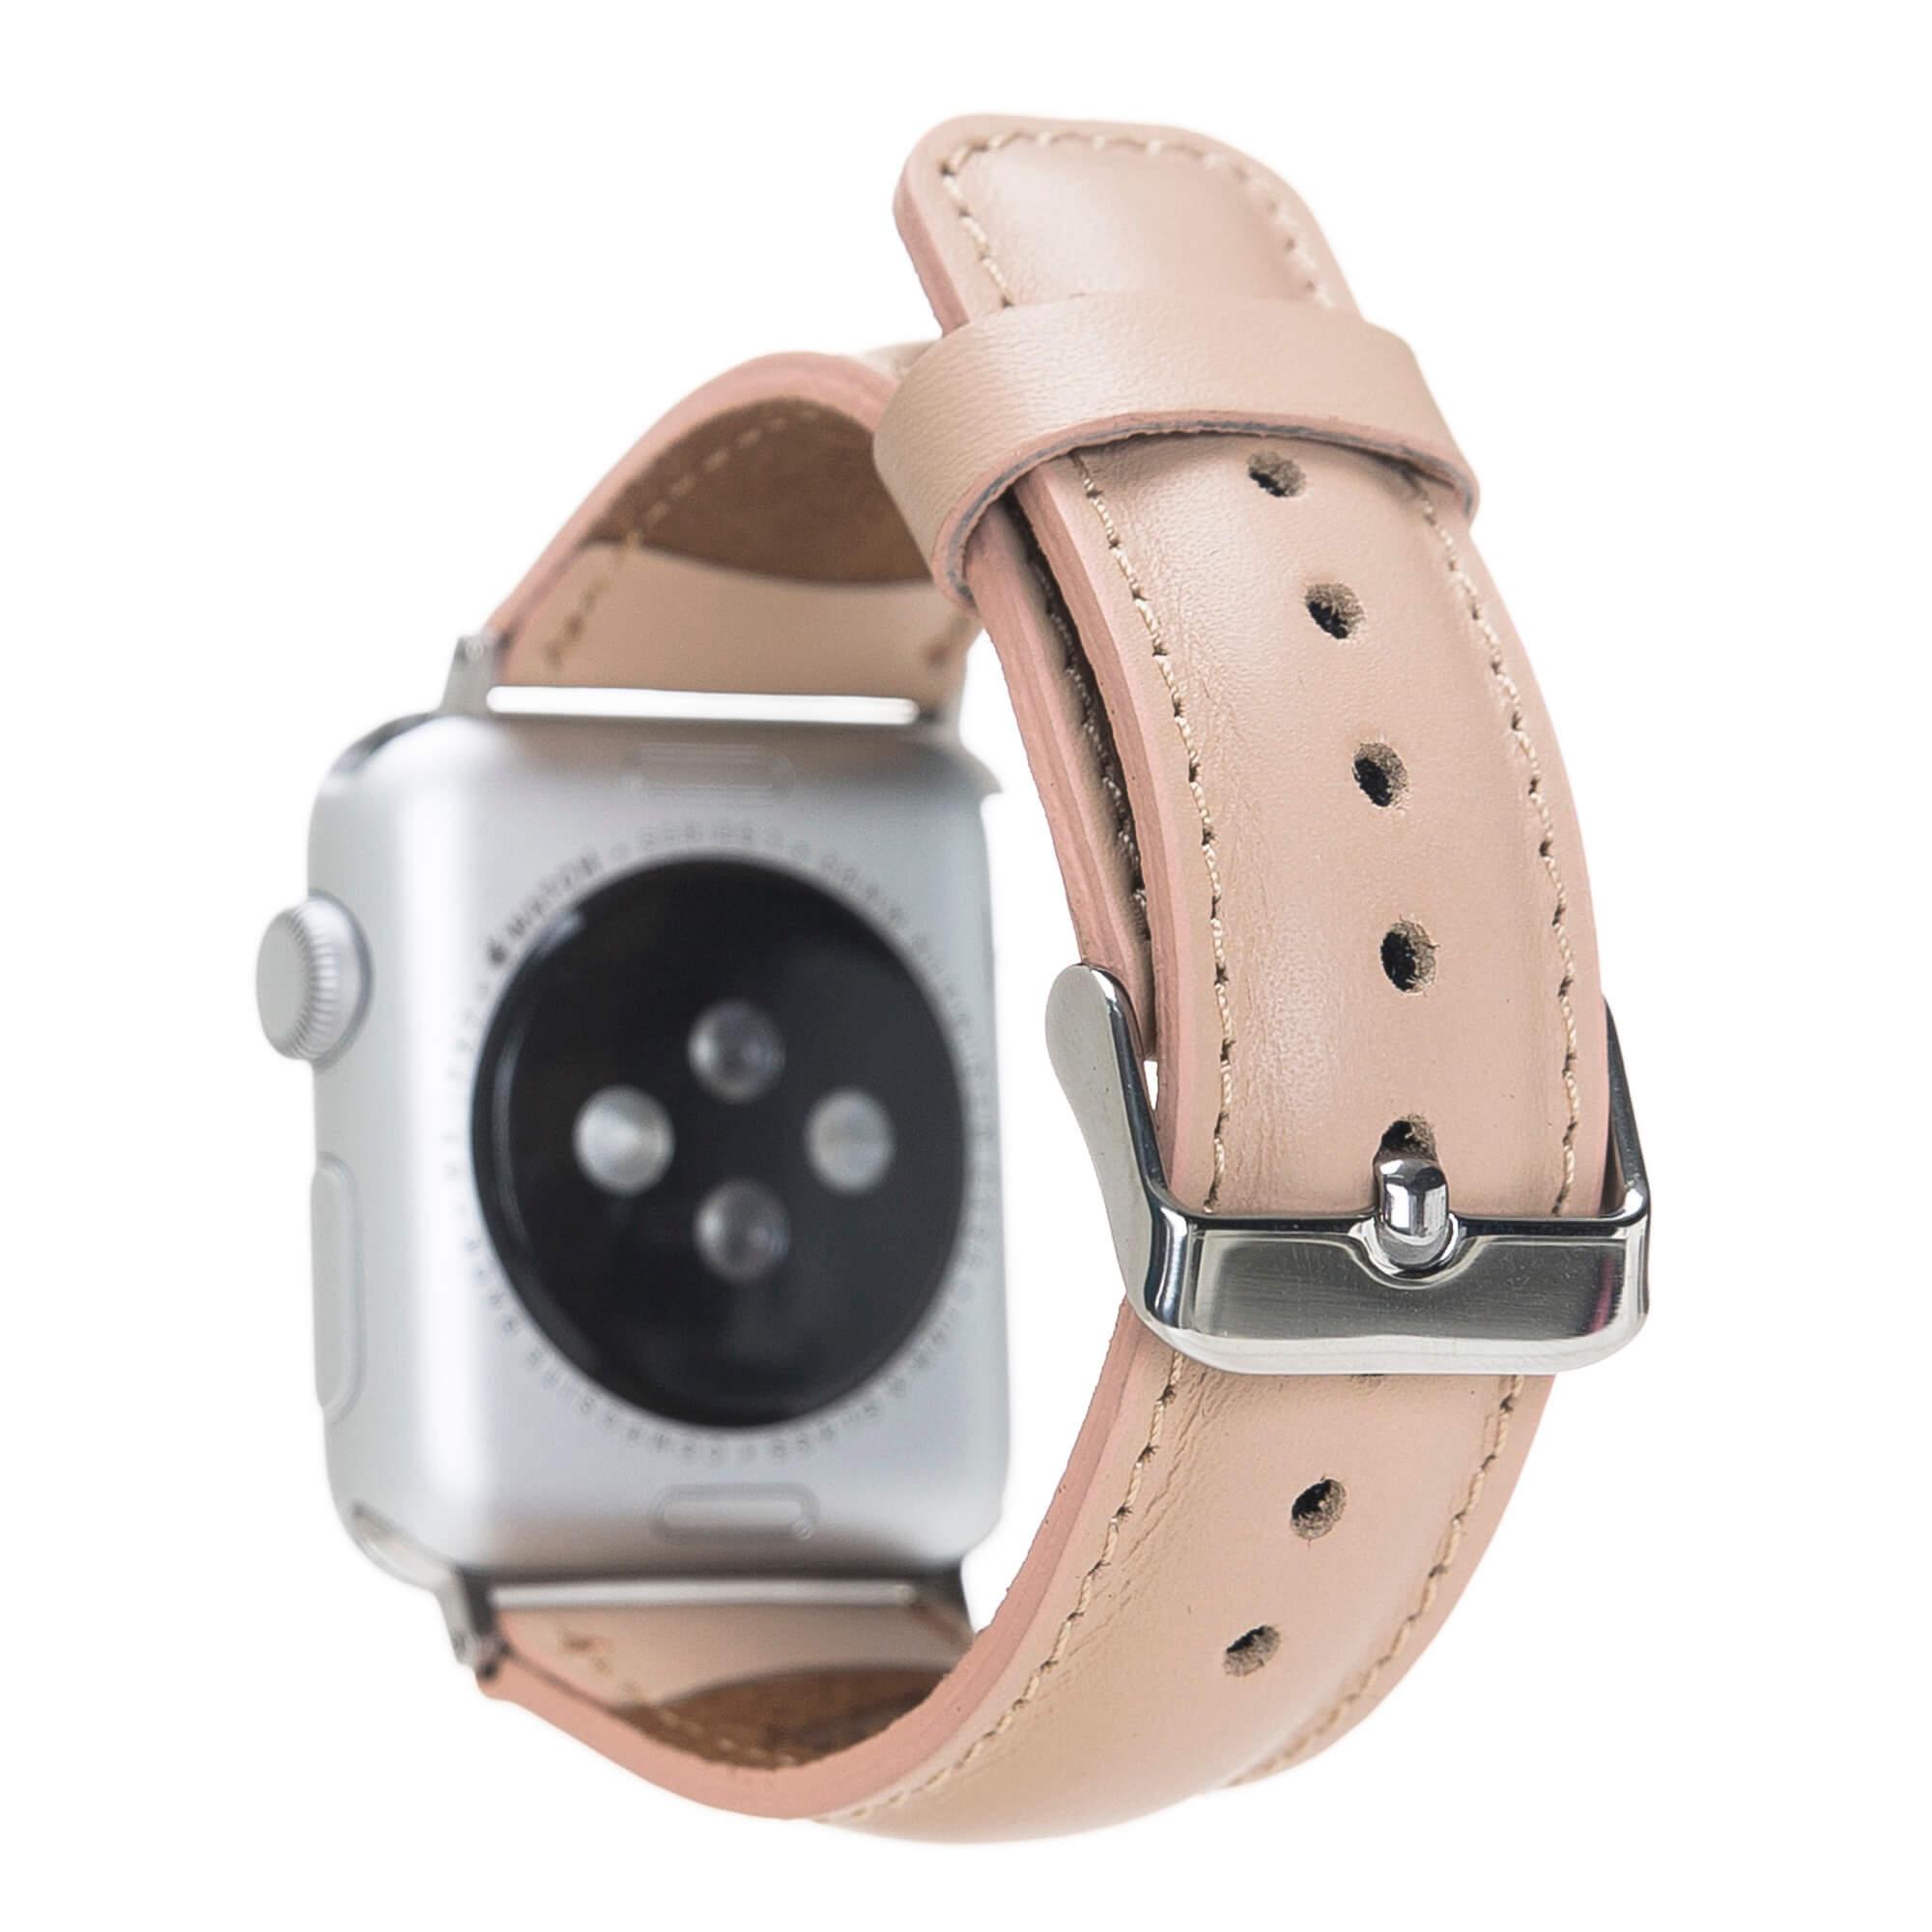 Lederarmband für das Apple Watch Series 1-4 I Nude Rosa 38mm/40mm mit silbernen Connectoren